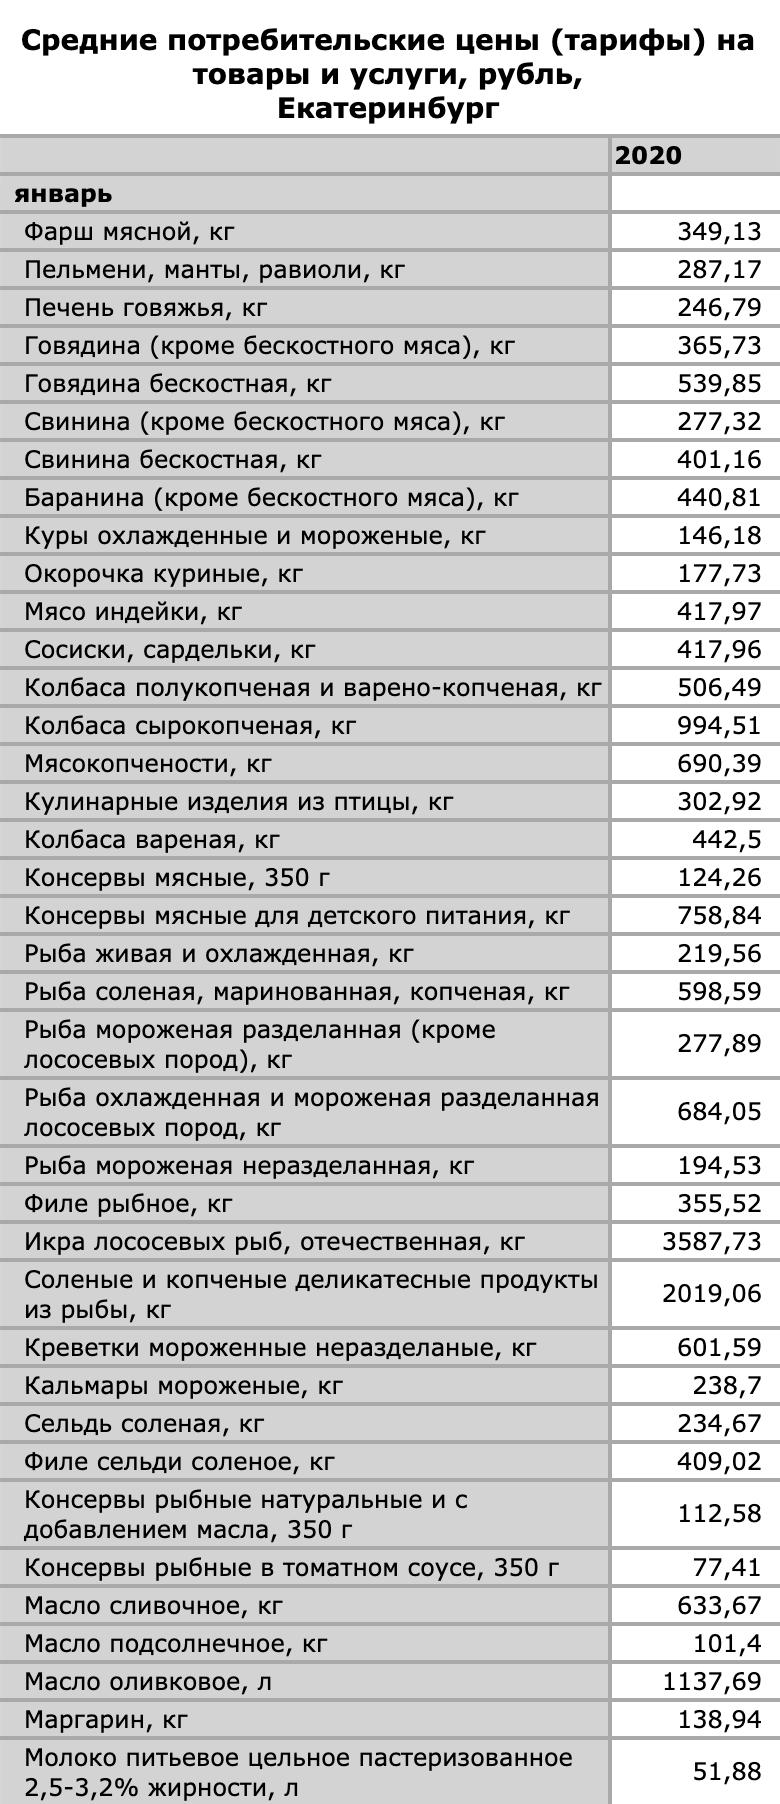 Пример цен на некоторые продукты — это данные за 2020год в Екатеринбурге